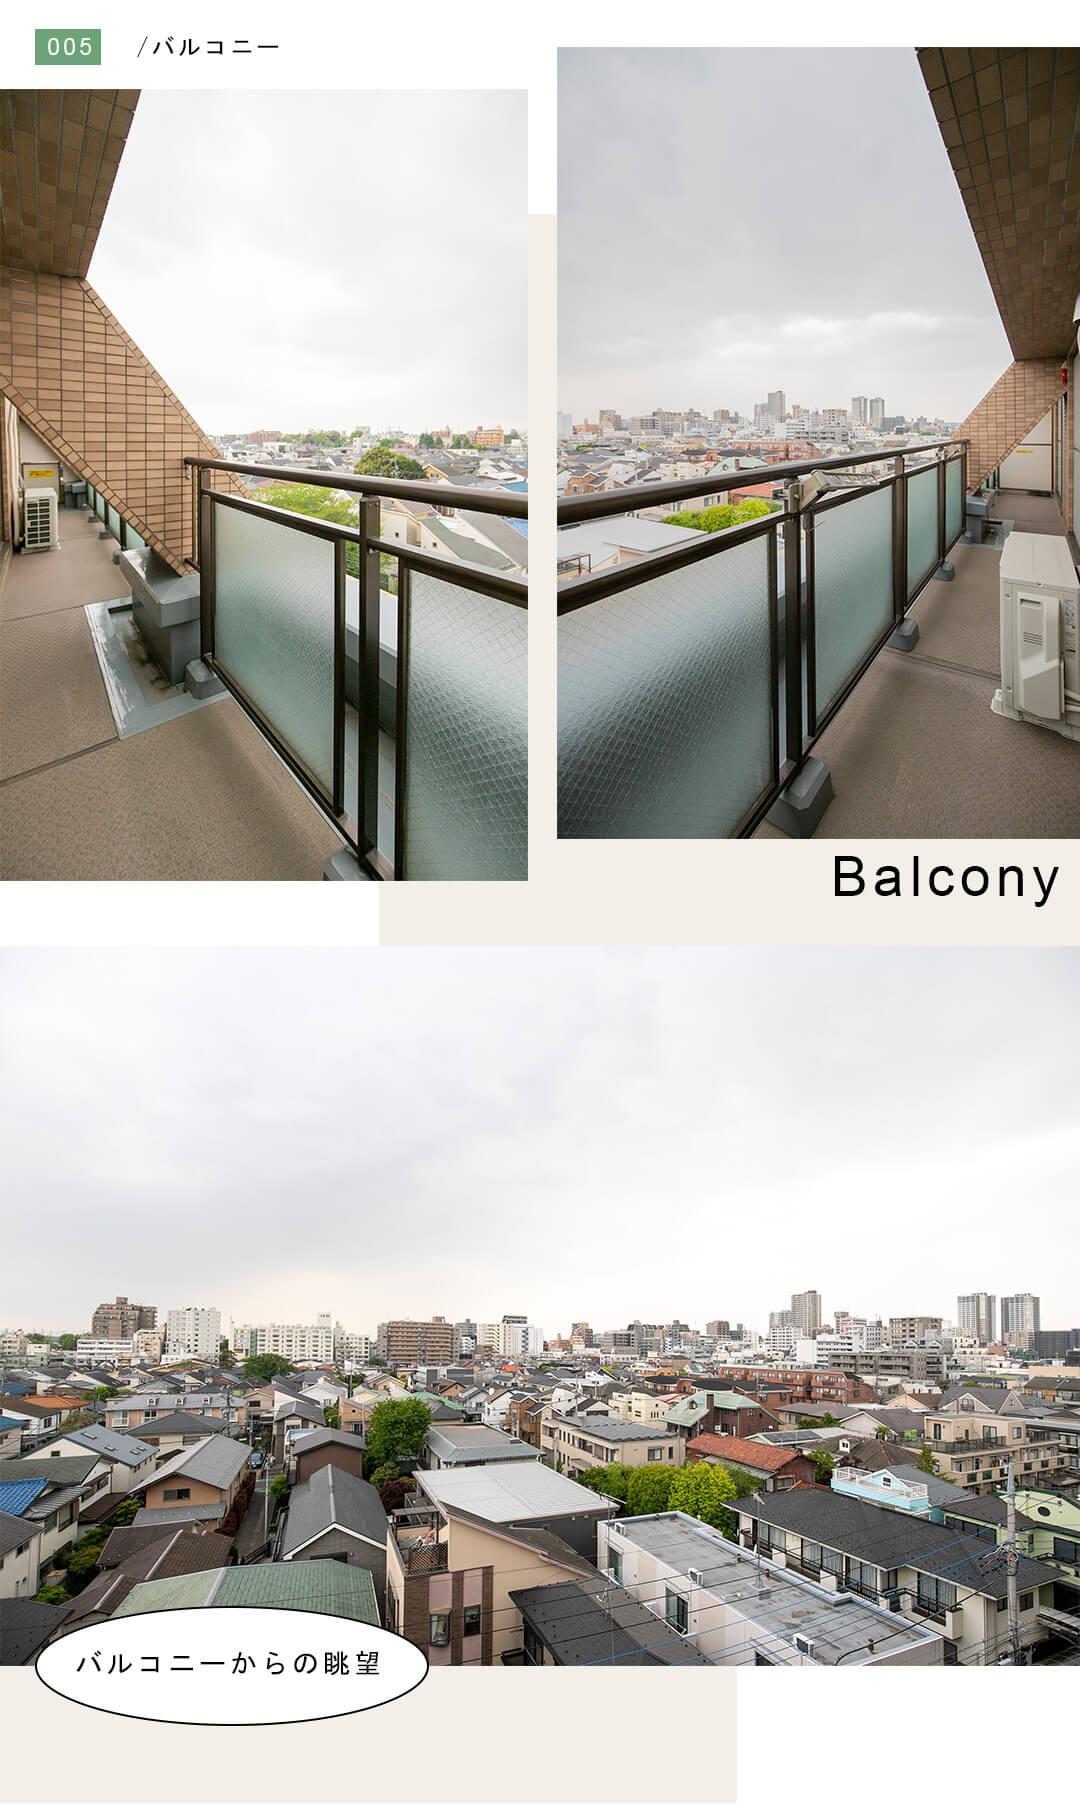 朝日シティパリオ三鷹のバルコニー